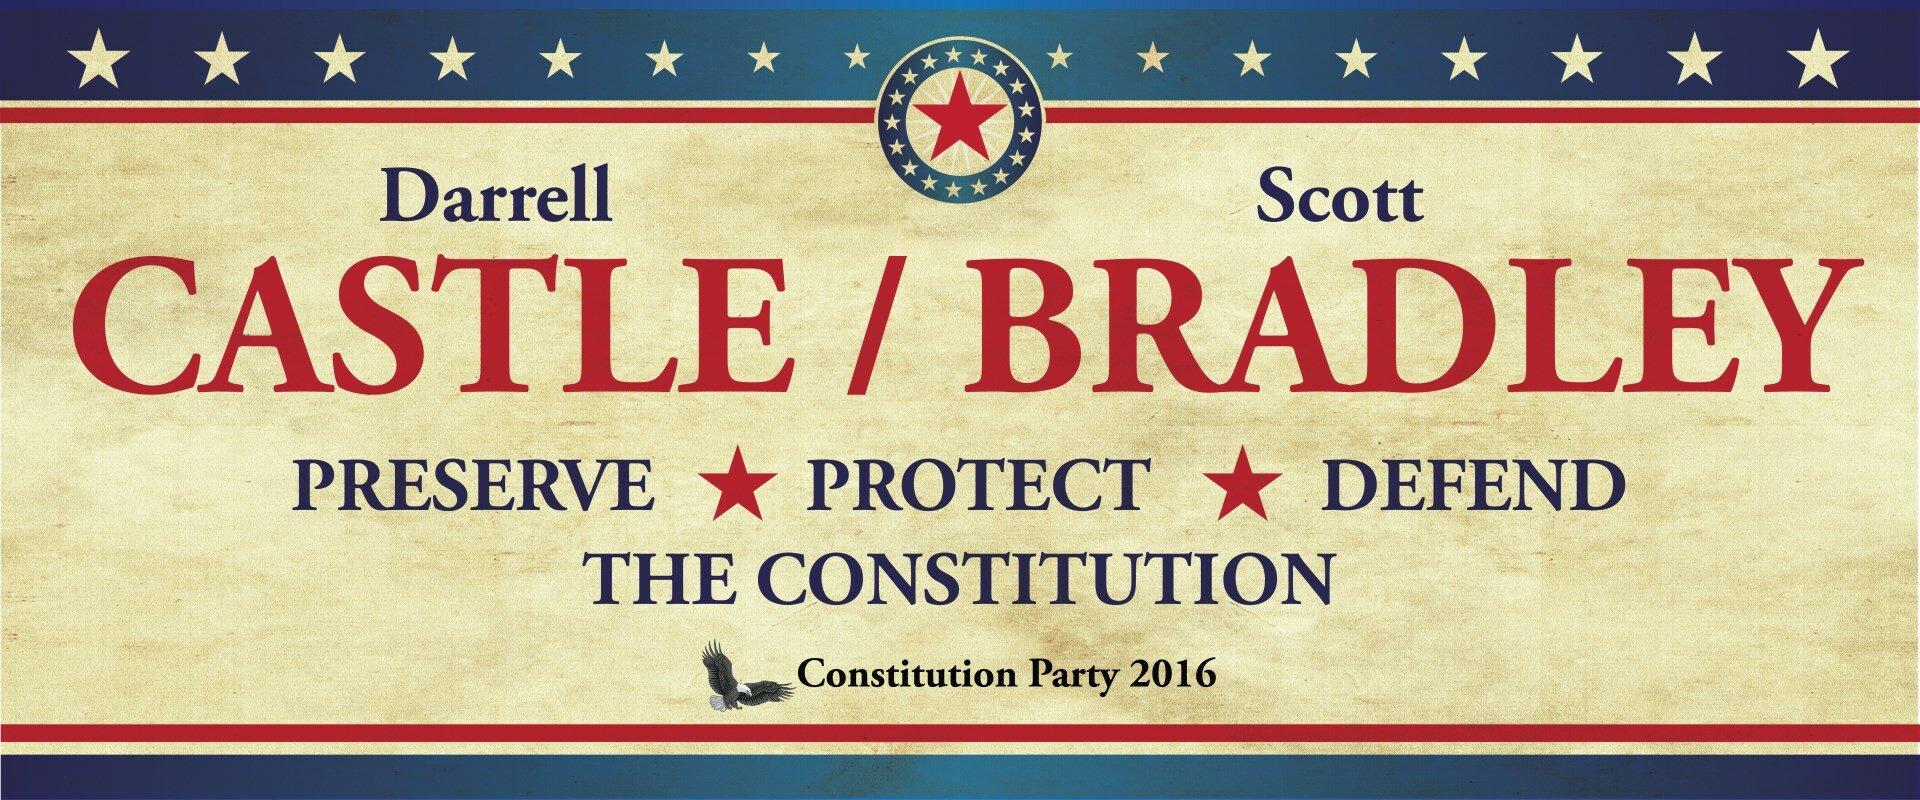 Castle 2016 Darrell Castle For President